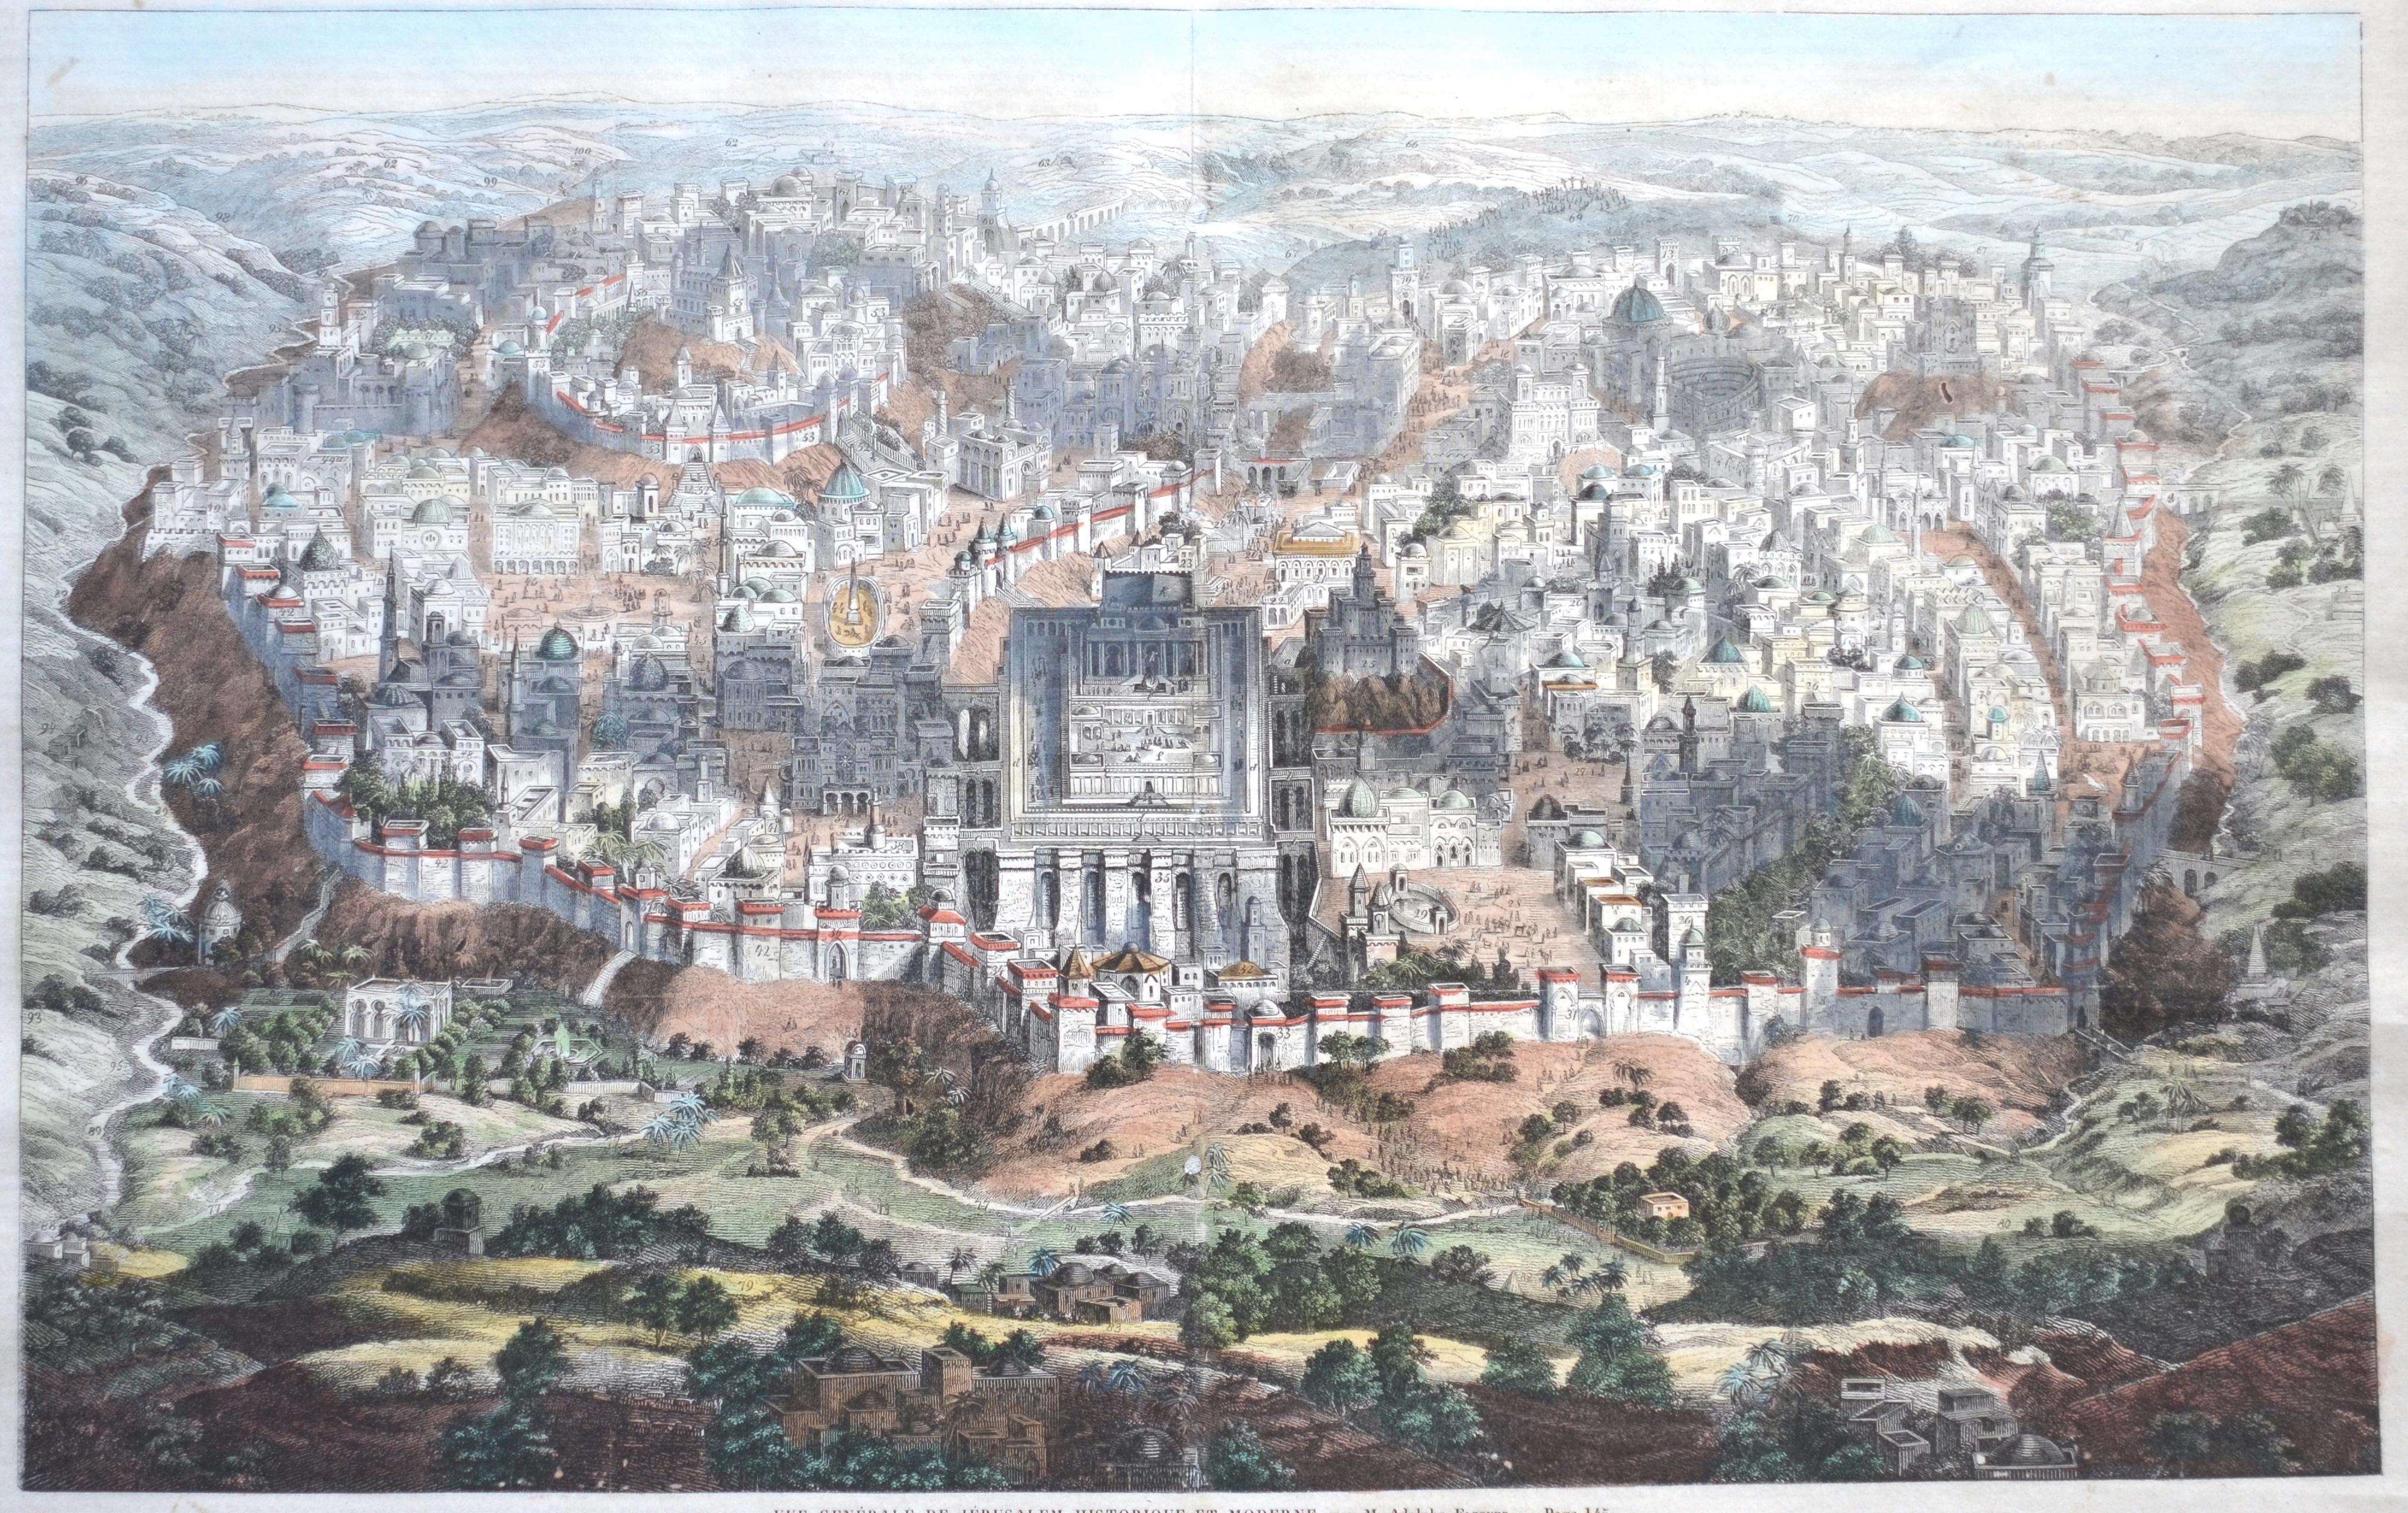 Elzzner M. Adolphe Vue Genérale de Jérusalem historique et moderne, par M. Adolphe Elzzner.